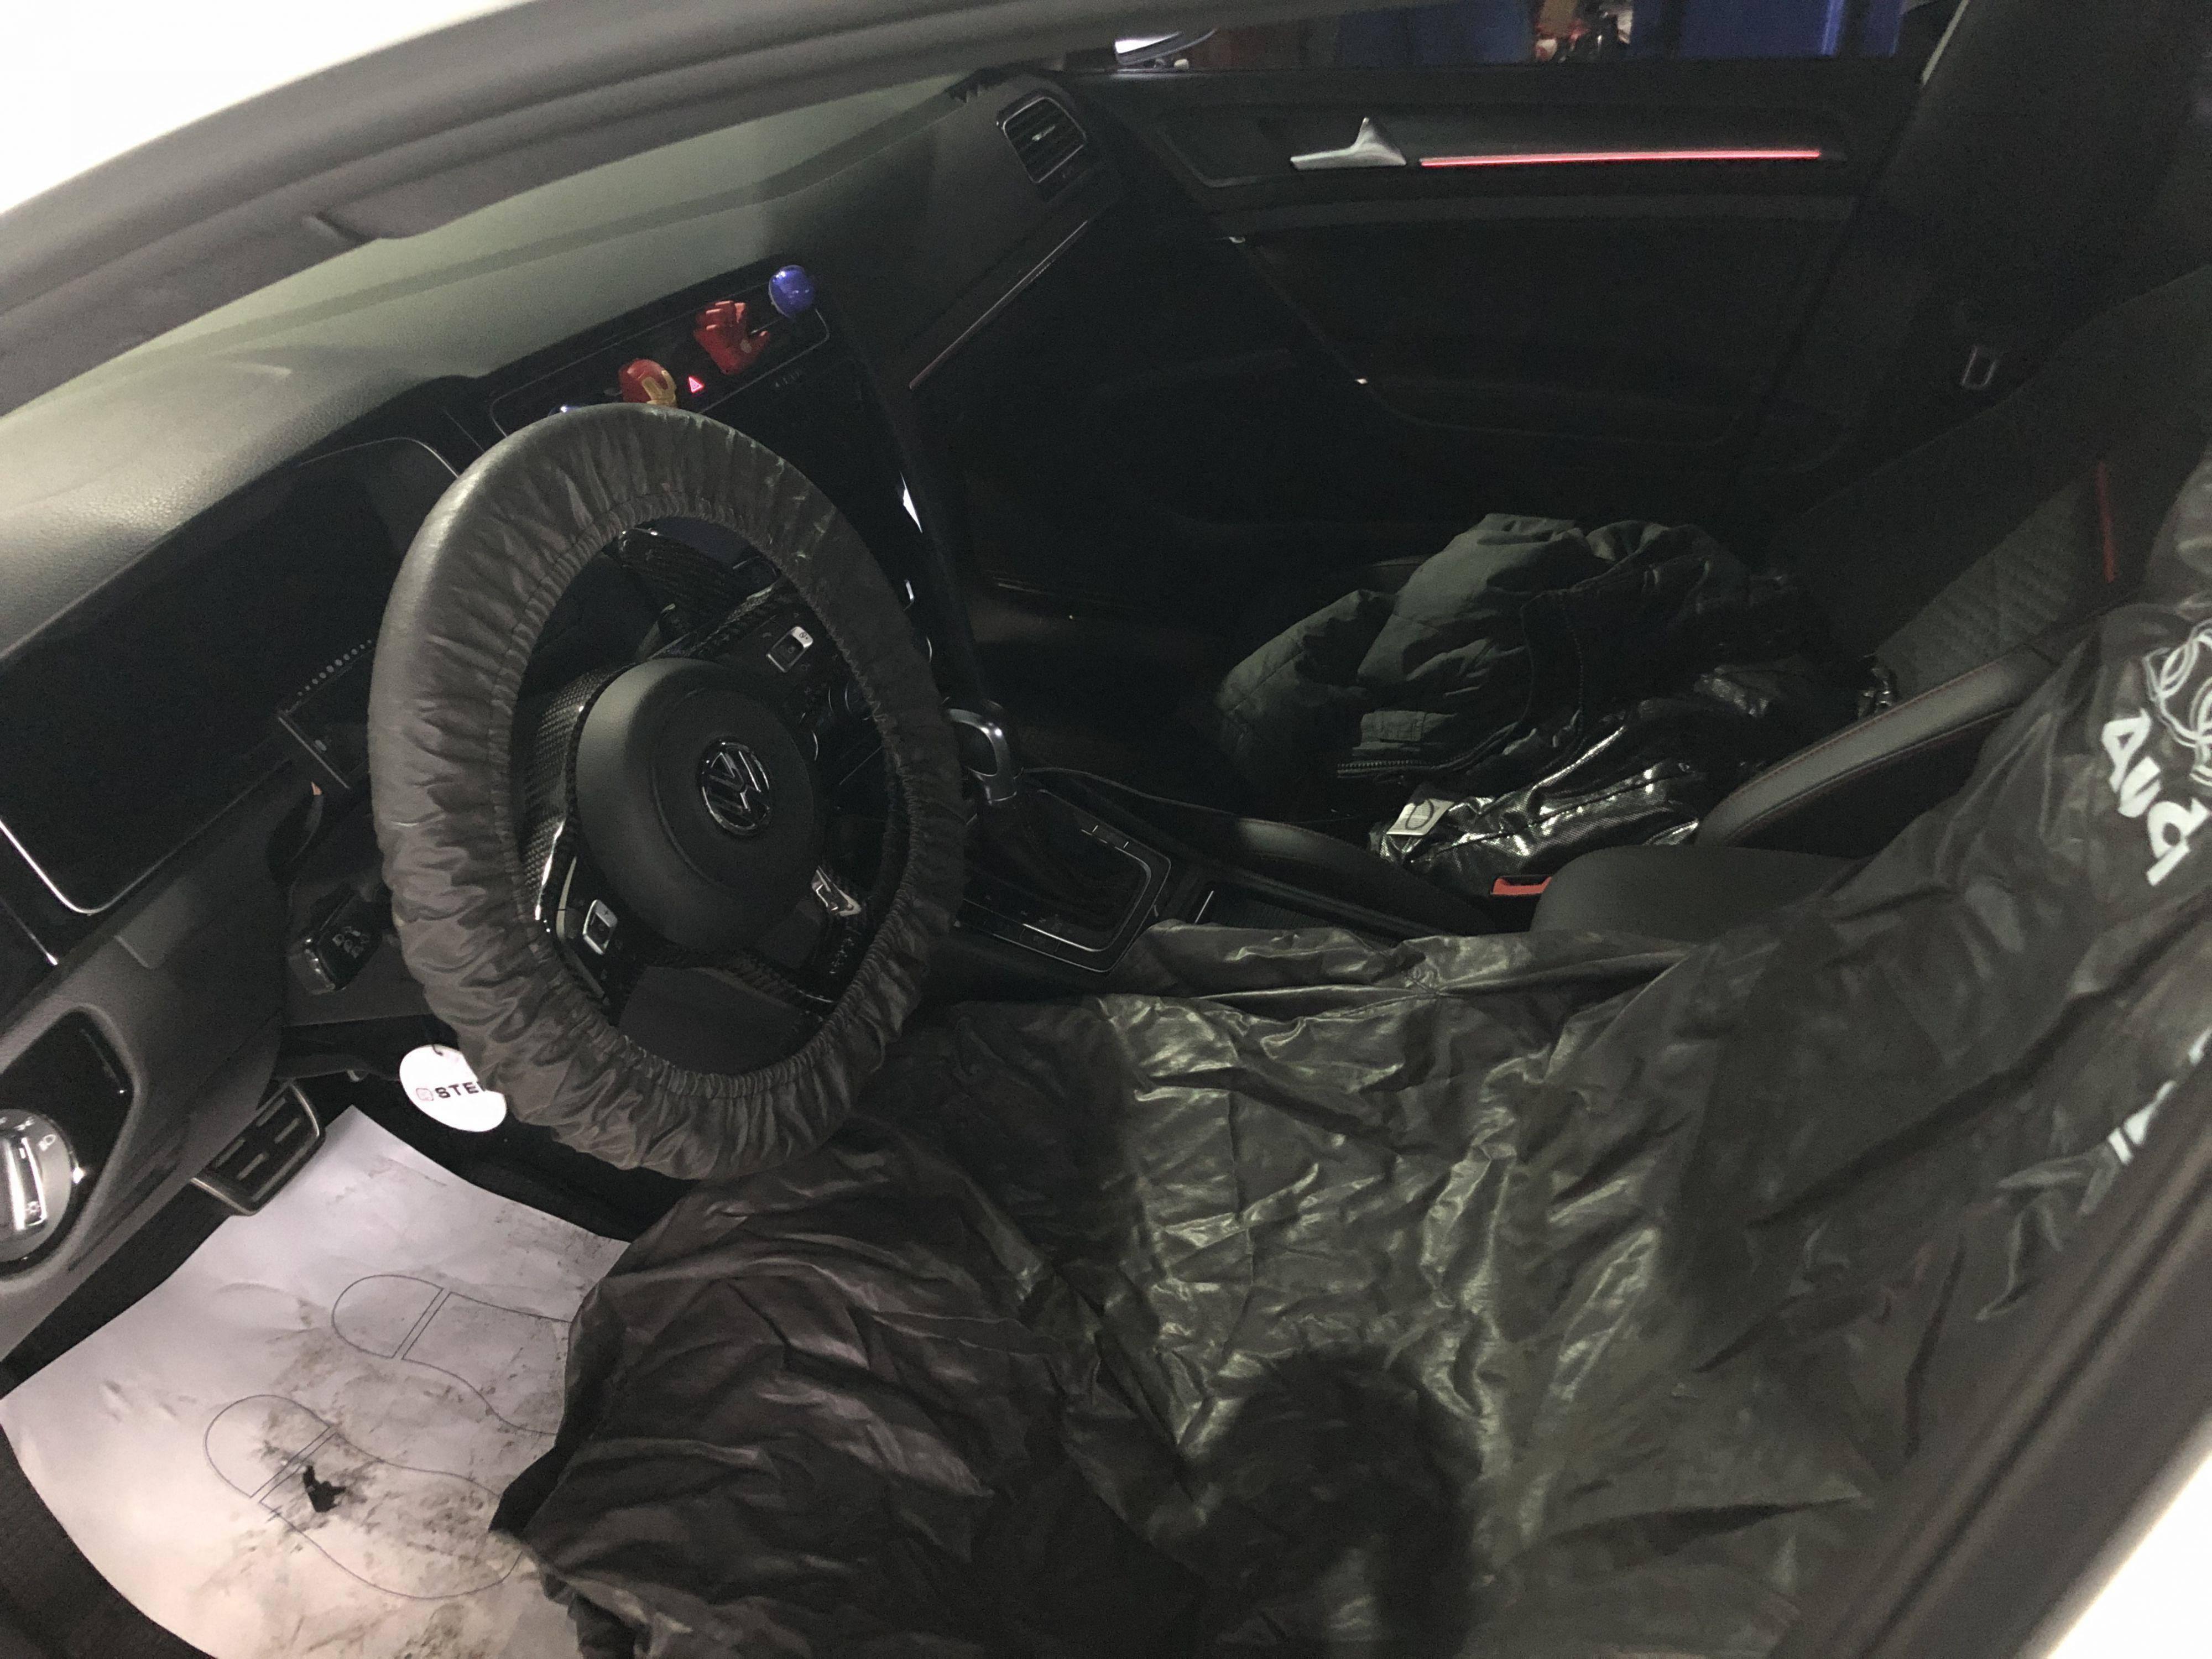 進廠車輛只要有拆卸維修項目,林老闆都會鋪上腳踏墊、椅套、方向盤套,相當的用心。